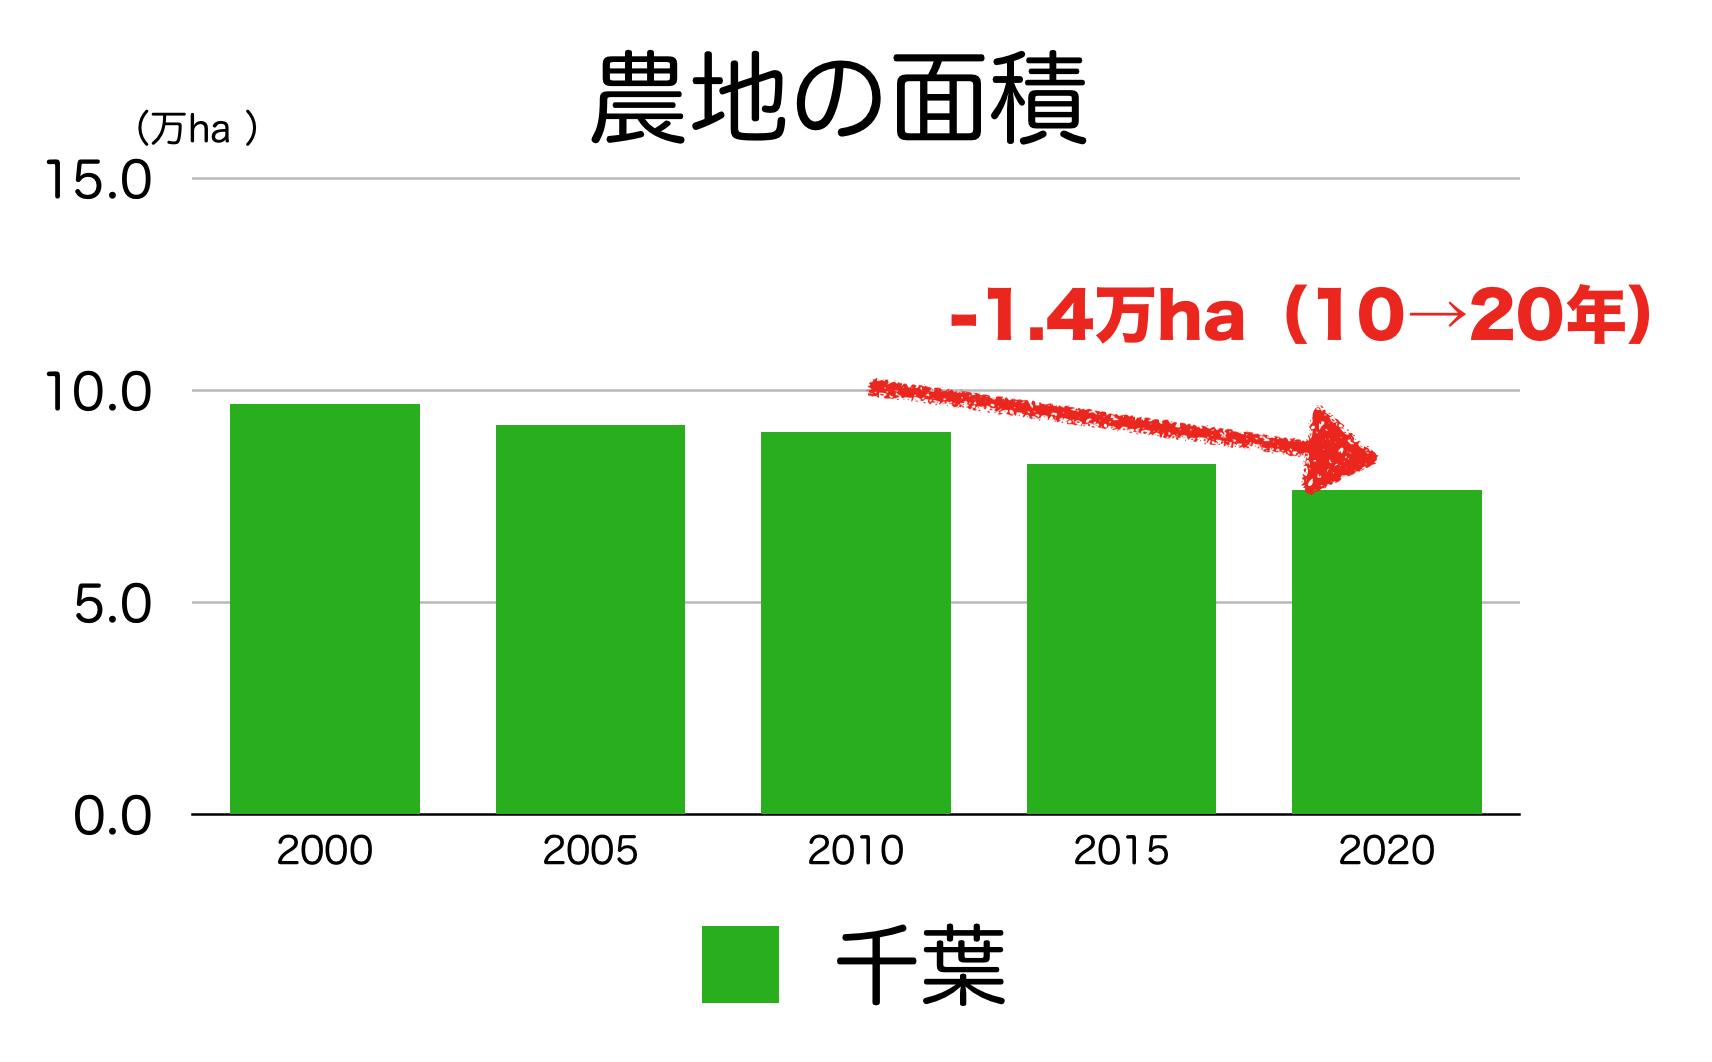 千葉県の農地面積の推移